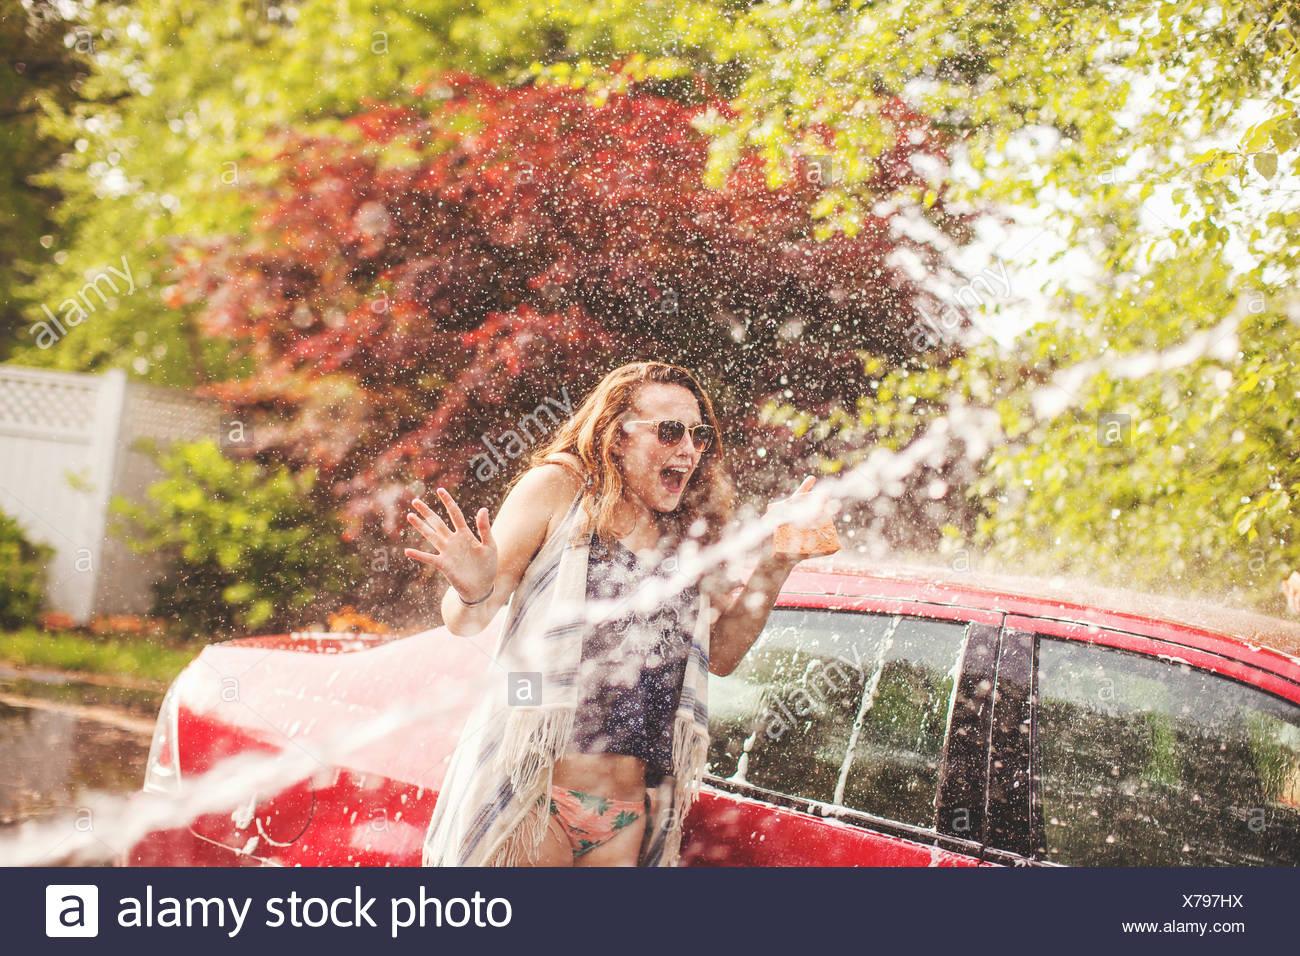 Junge Frau mit Wasser besprüht werden Stockbild